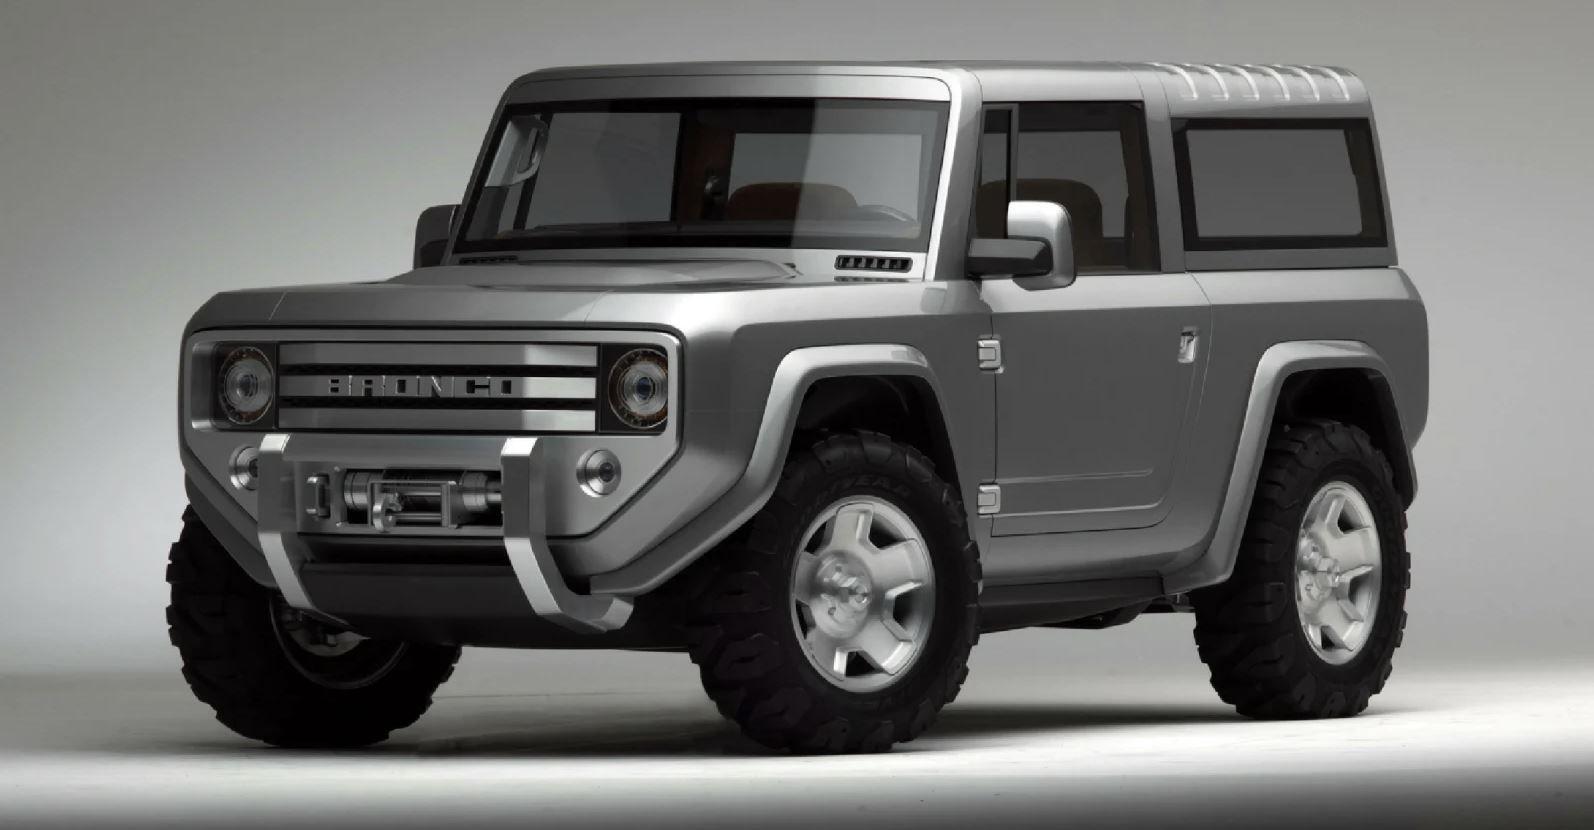 Il Ford Bronco sarà presentato a luglio, è ufficiale